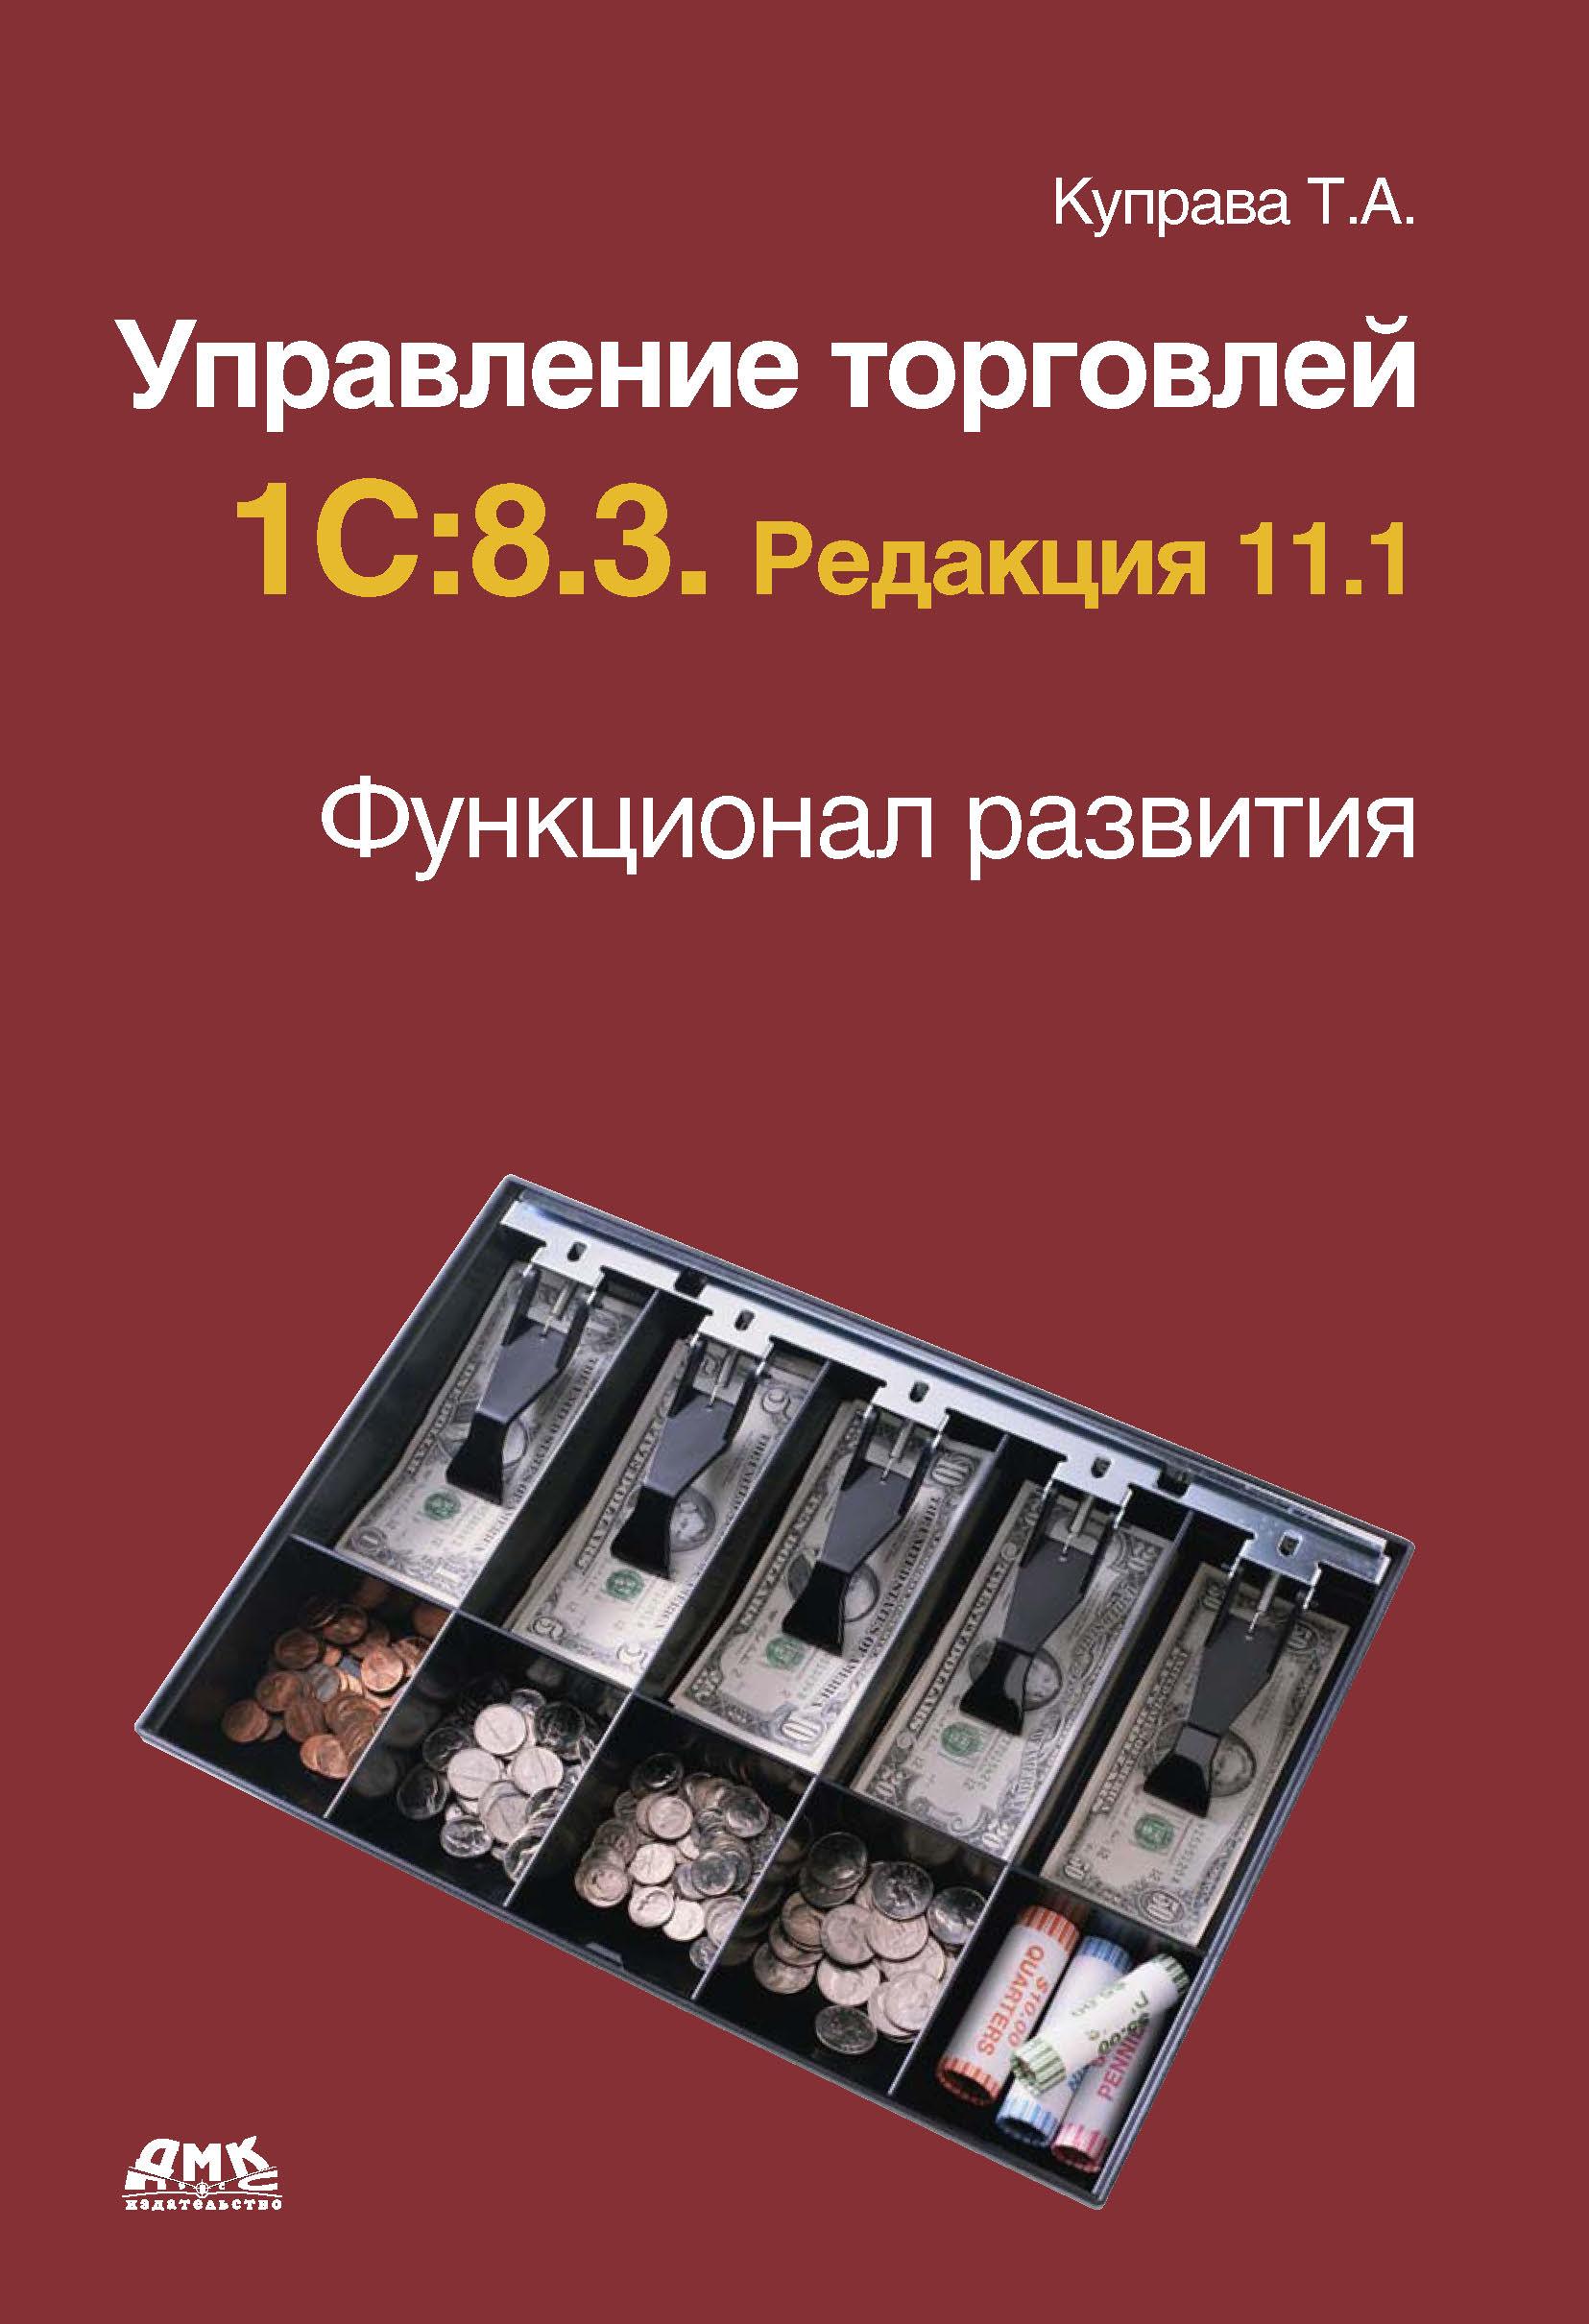 Т. А. Куправа Управление торговлей 1С:8.3. Редакция 11.1. Функционал развития